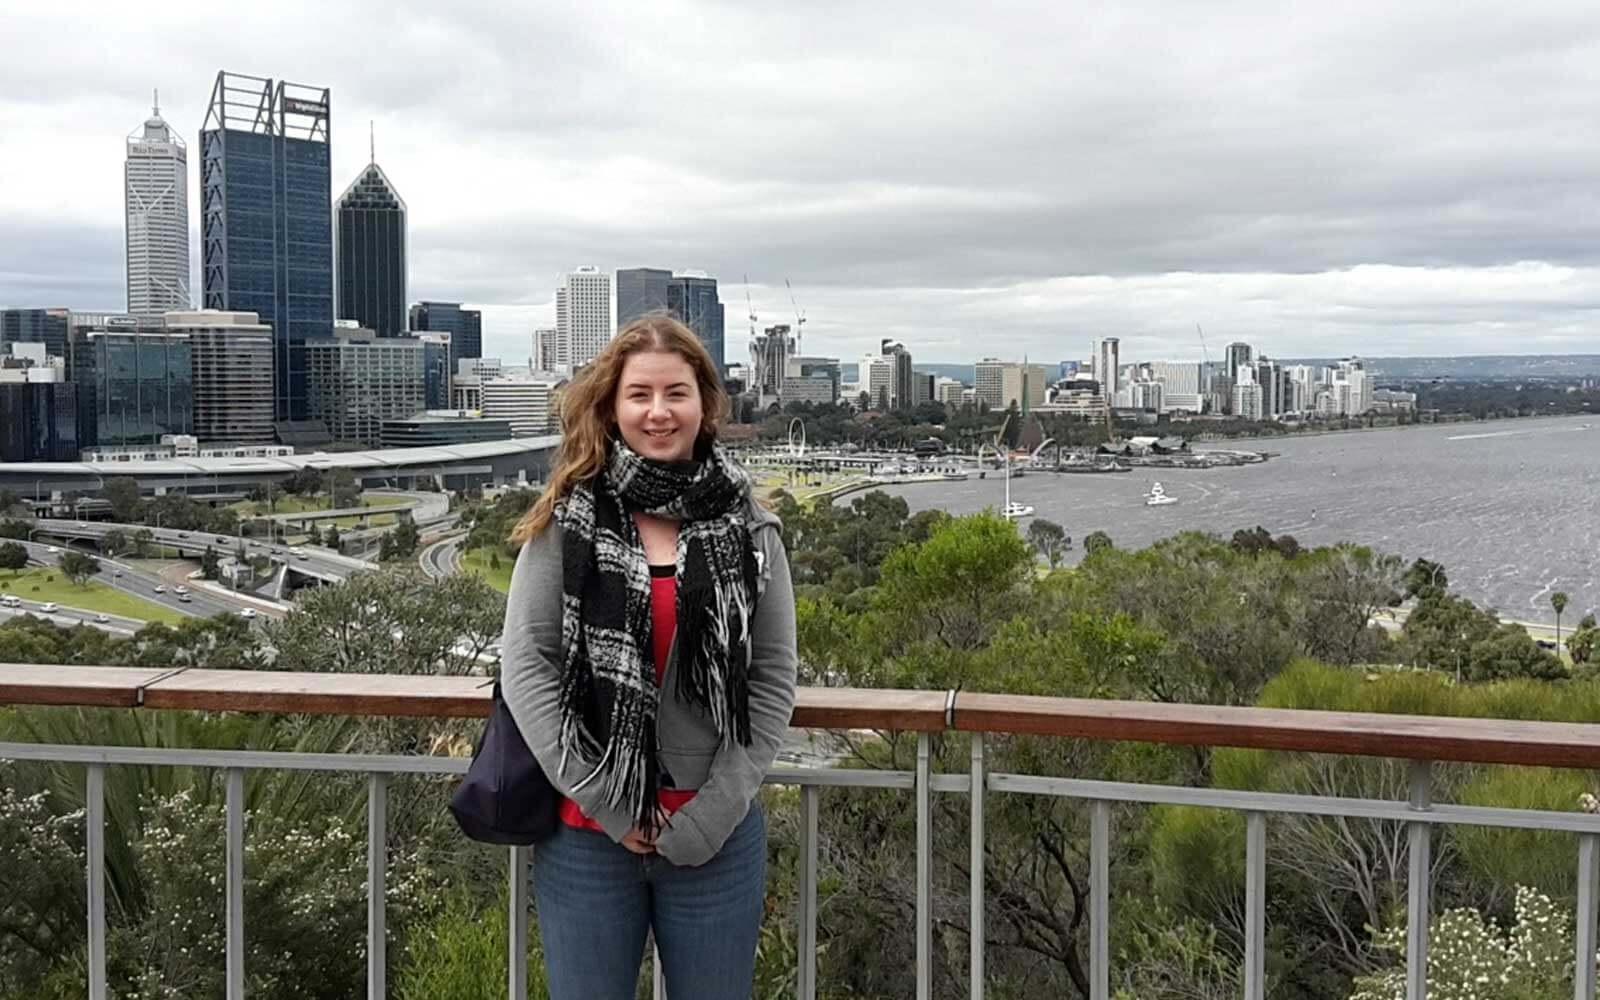 Stephanie vor der Skyline einer australischen Stadt